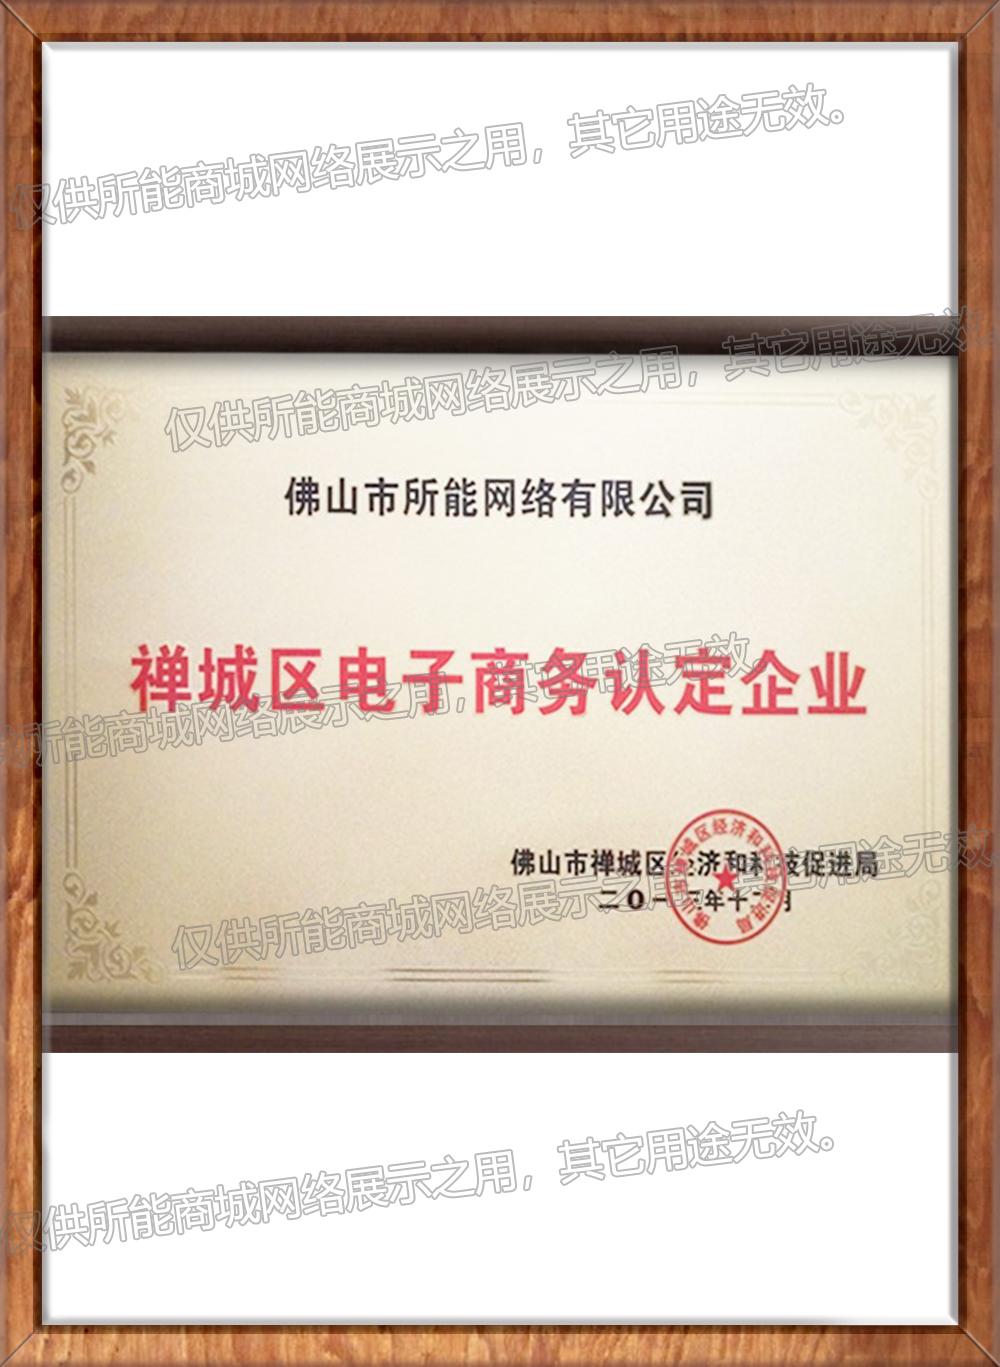 禅城区电子商务认定企业